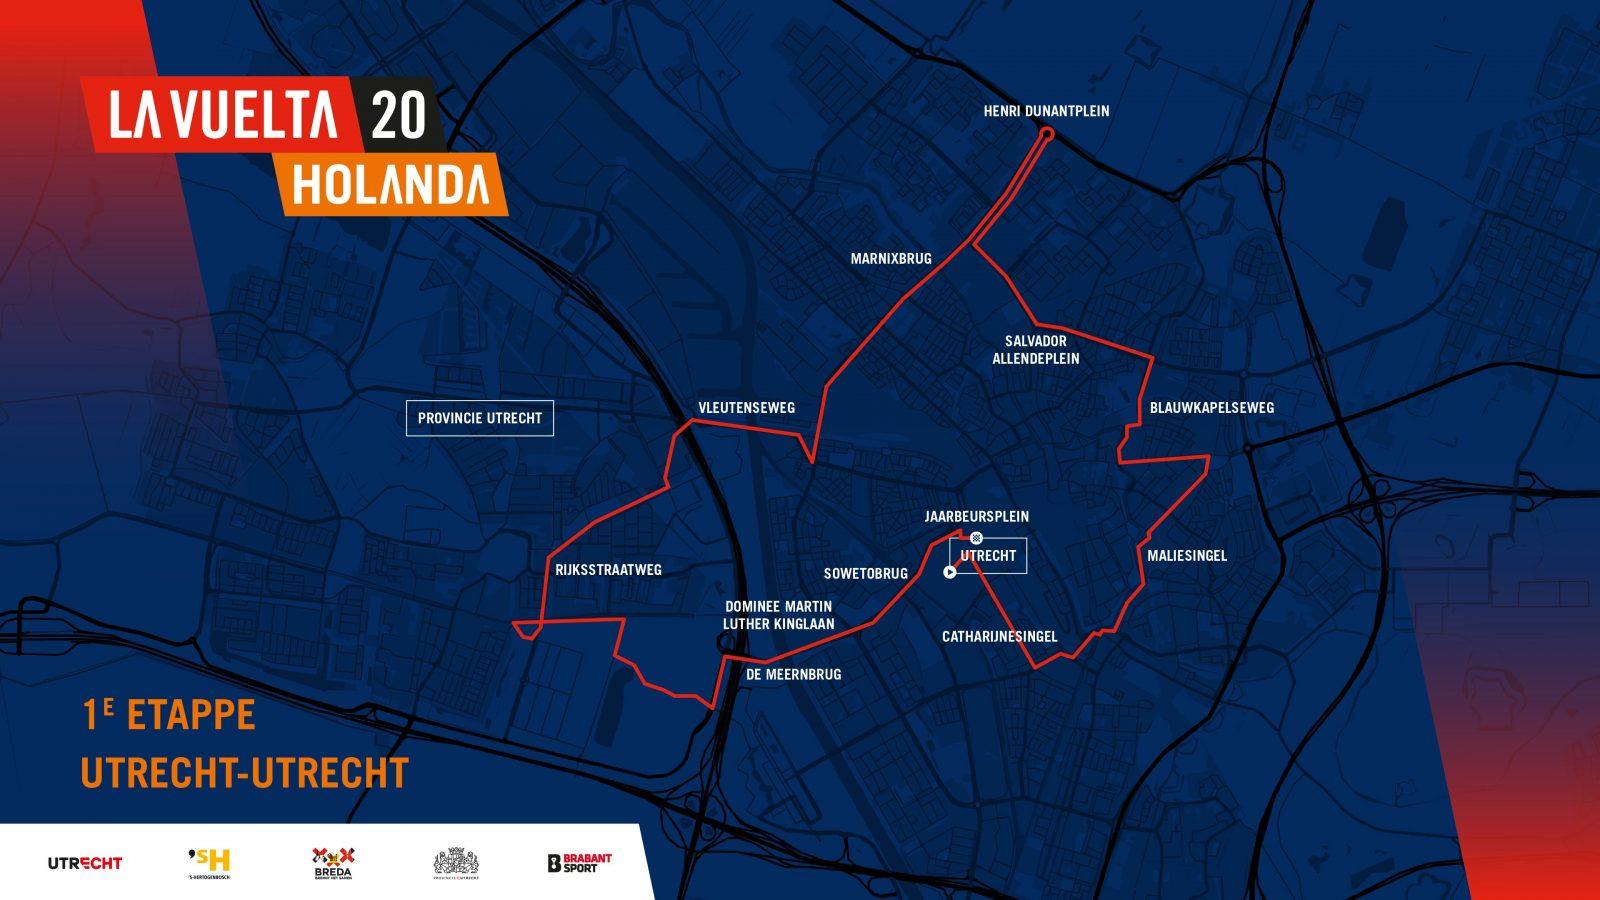 1eEtappe La Vuelta 2020